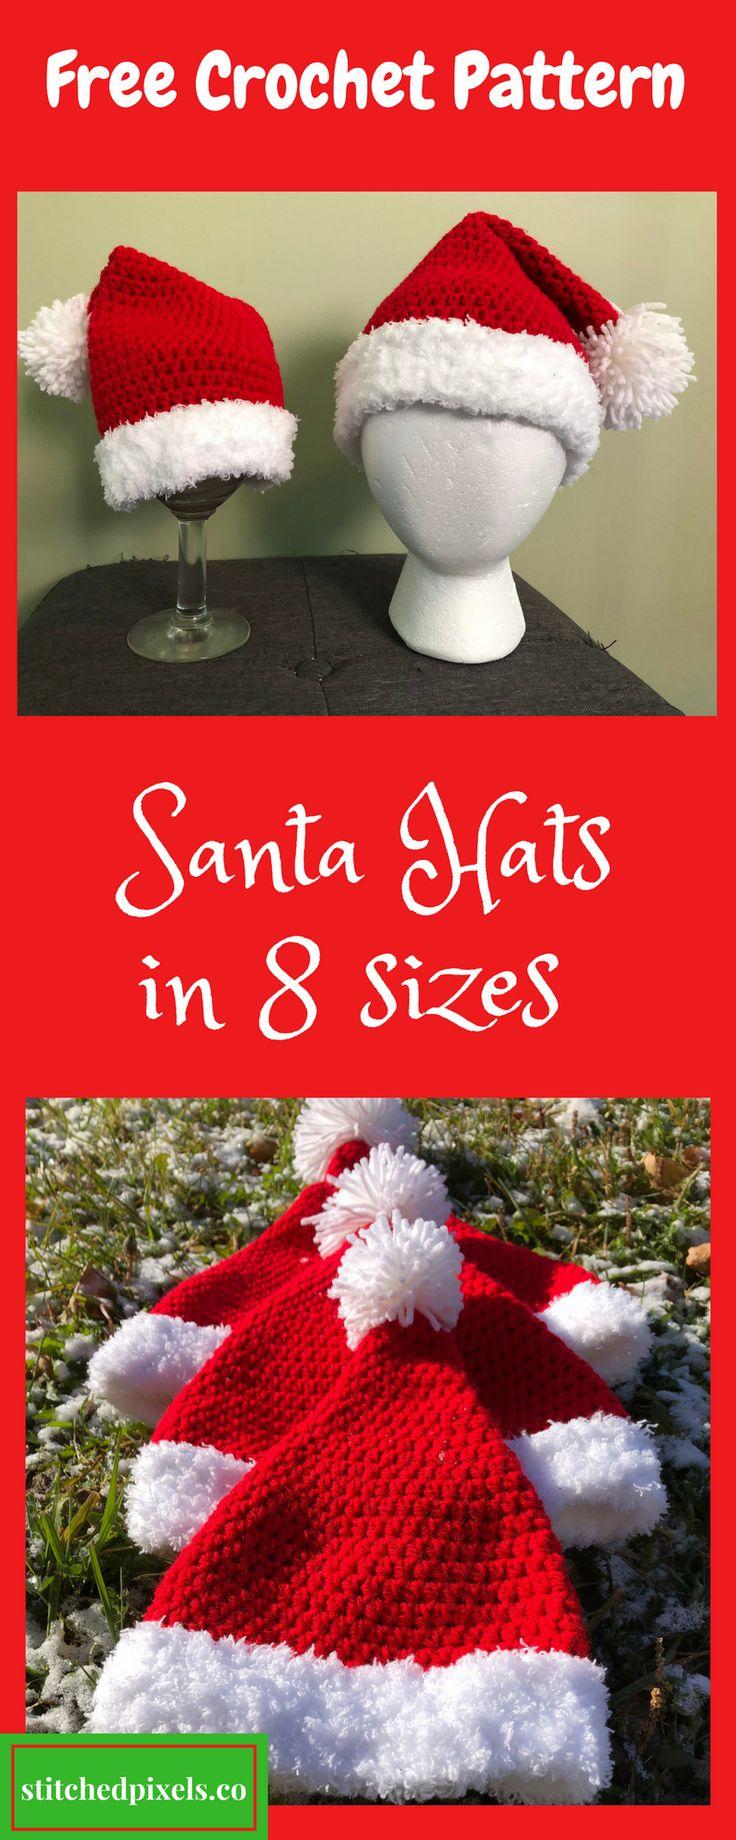 1010 best vánoční tvoření images on Pinterest | Christmas crafts ...